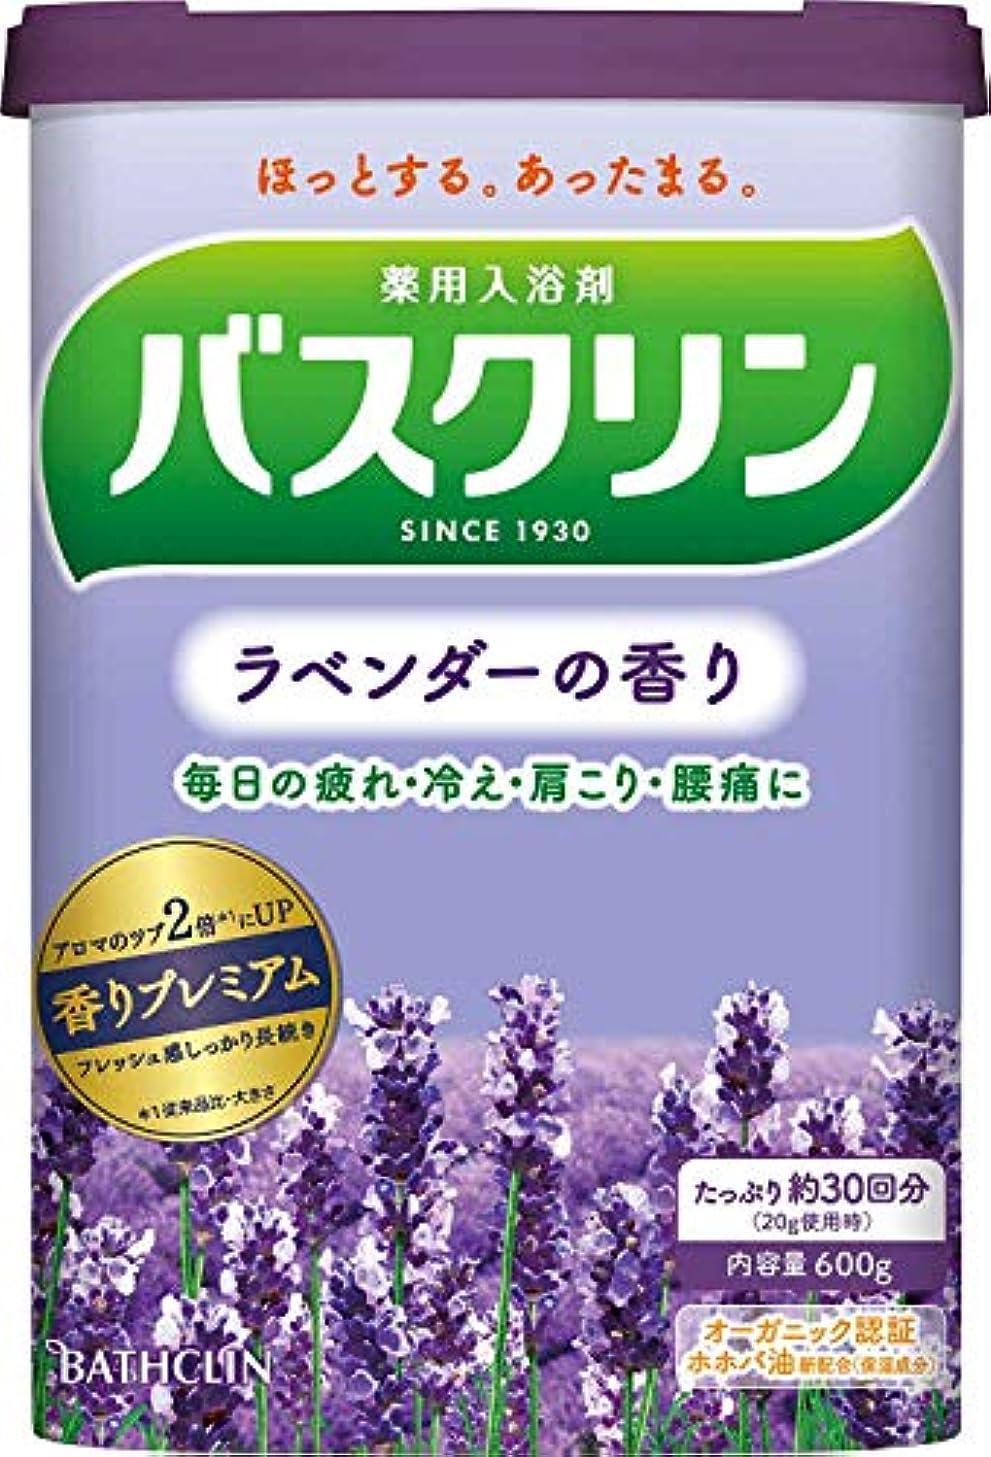 現れる家主ボス【医薬部外品】バスクリン入浴剤 ラベンダーの香り600g(約30回分) 疲労回復